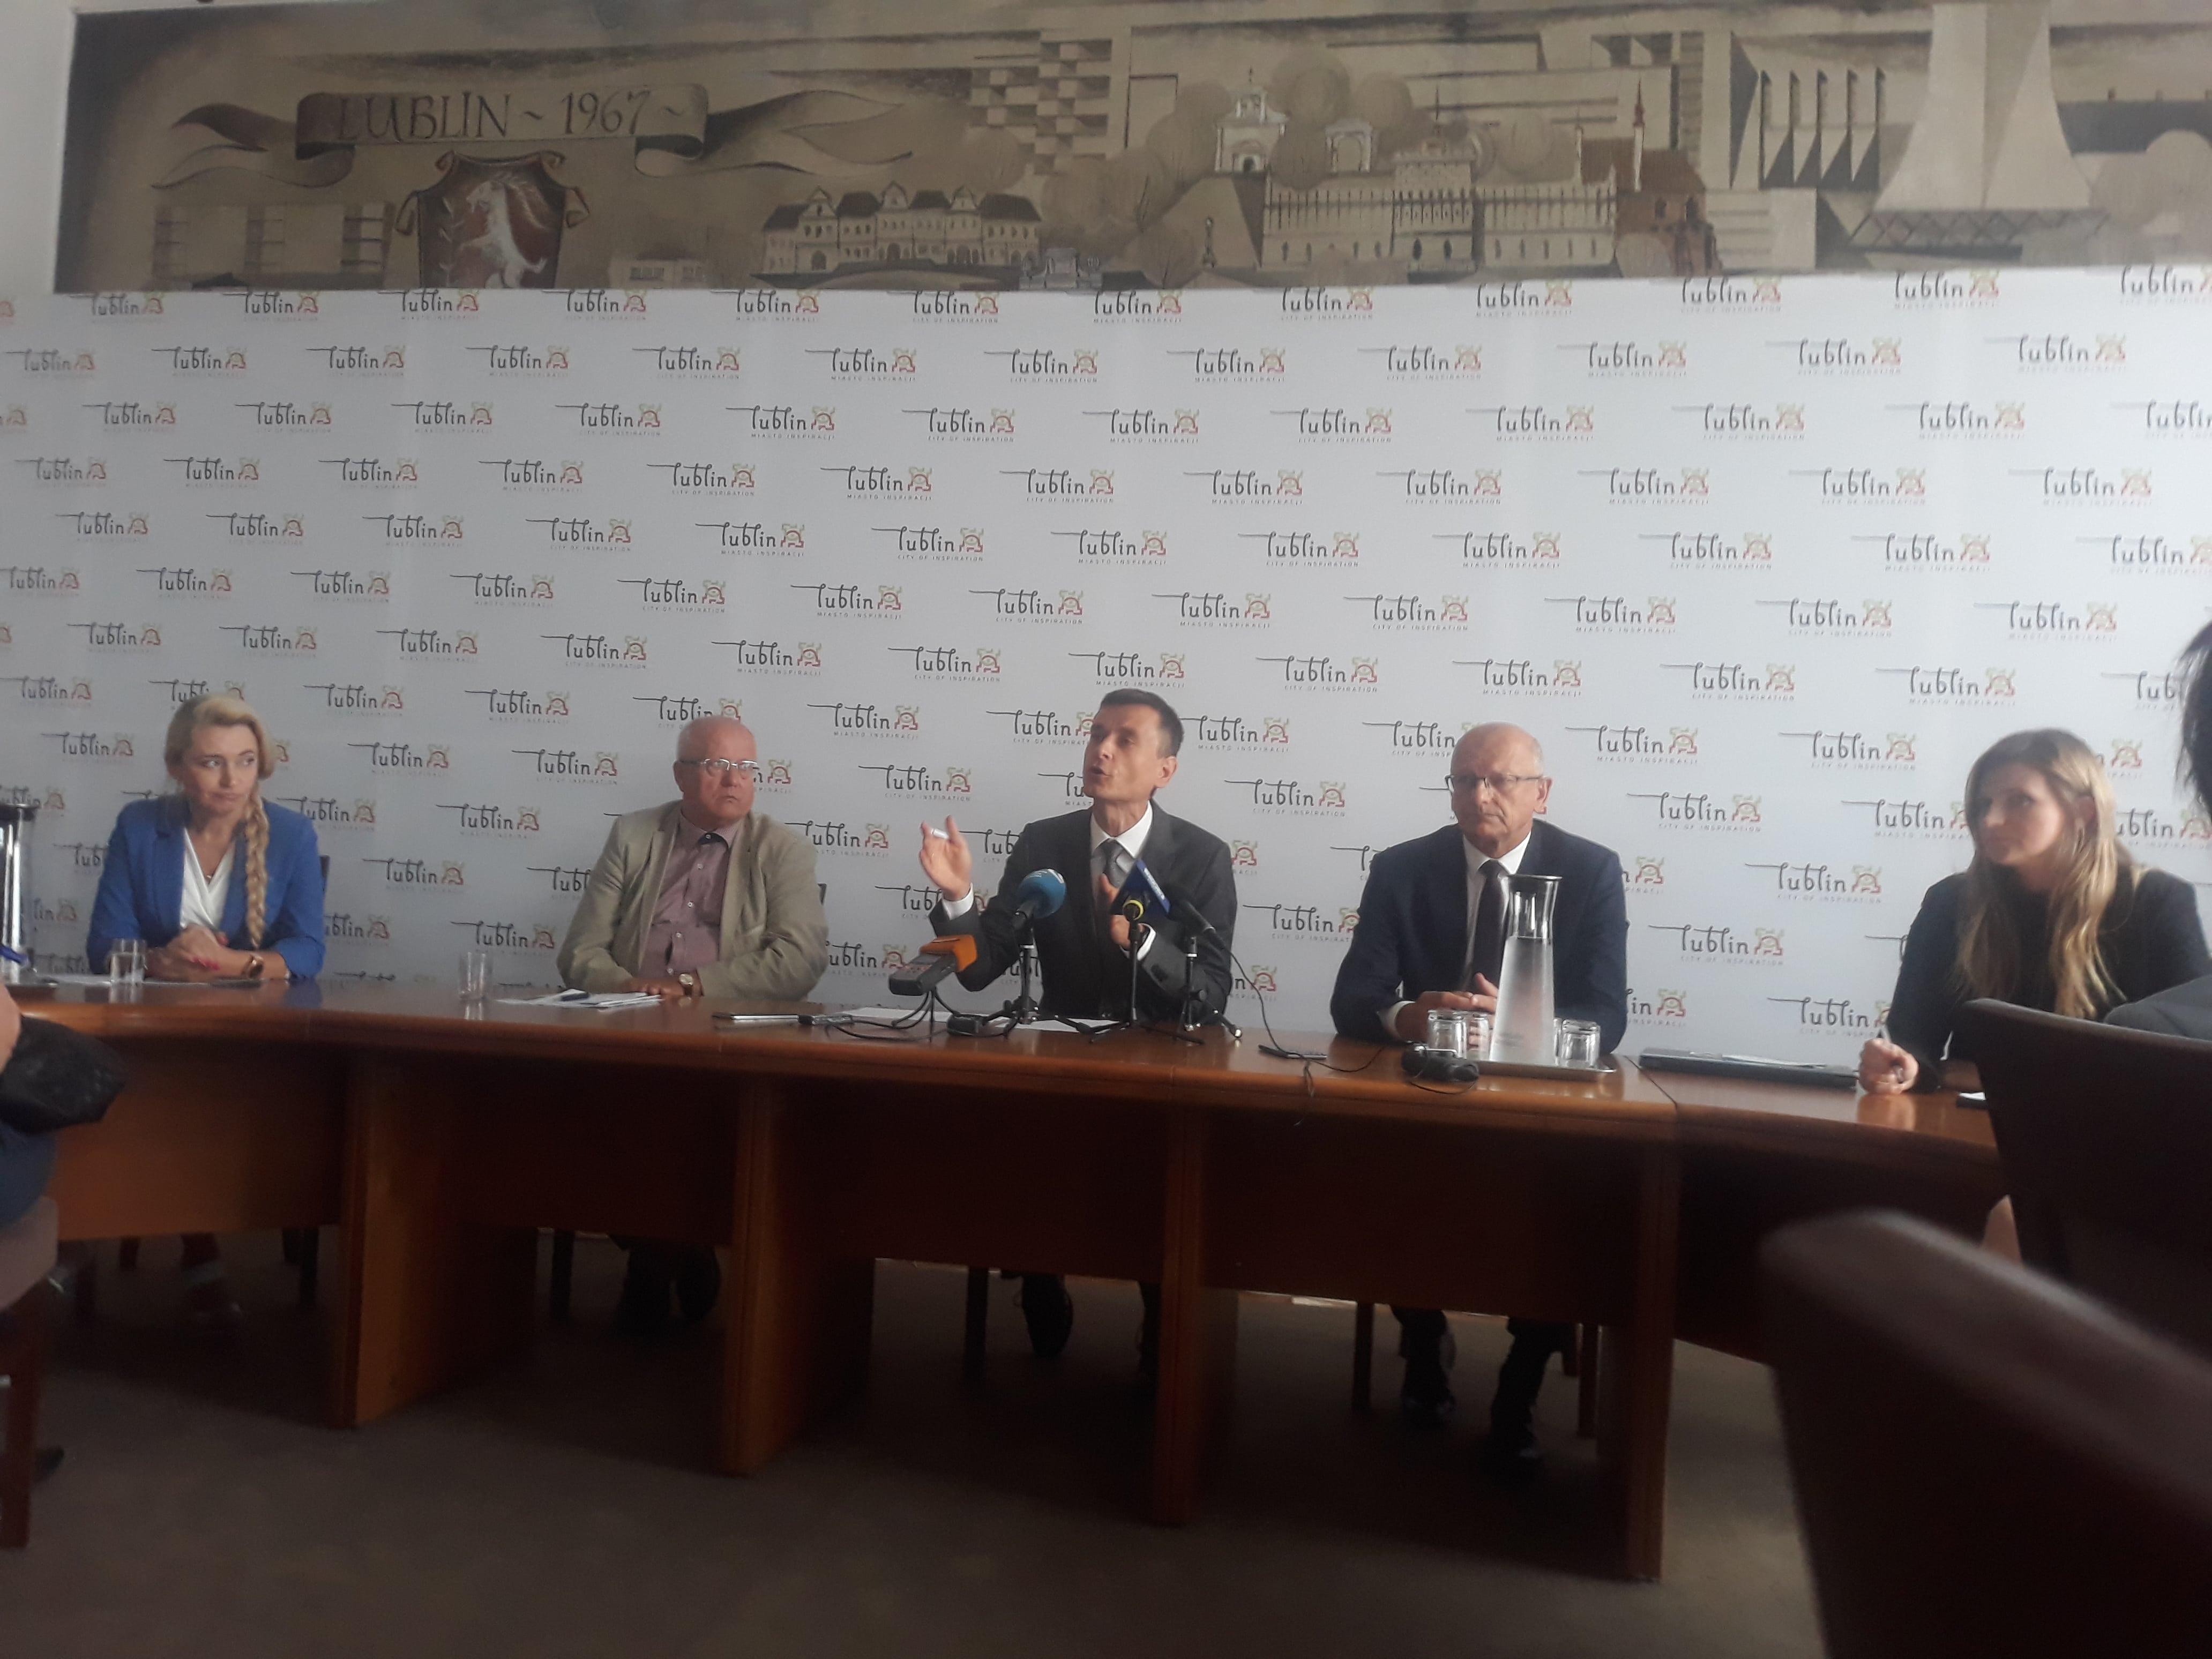 Będzie więcej pieniędzy na modernizację Rodzinnych Ogrodów Działkowych. Decyzja na sesji Rady Miasta Lublin - Zdjęcie główne